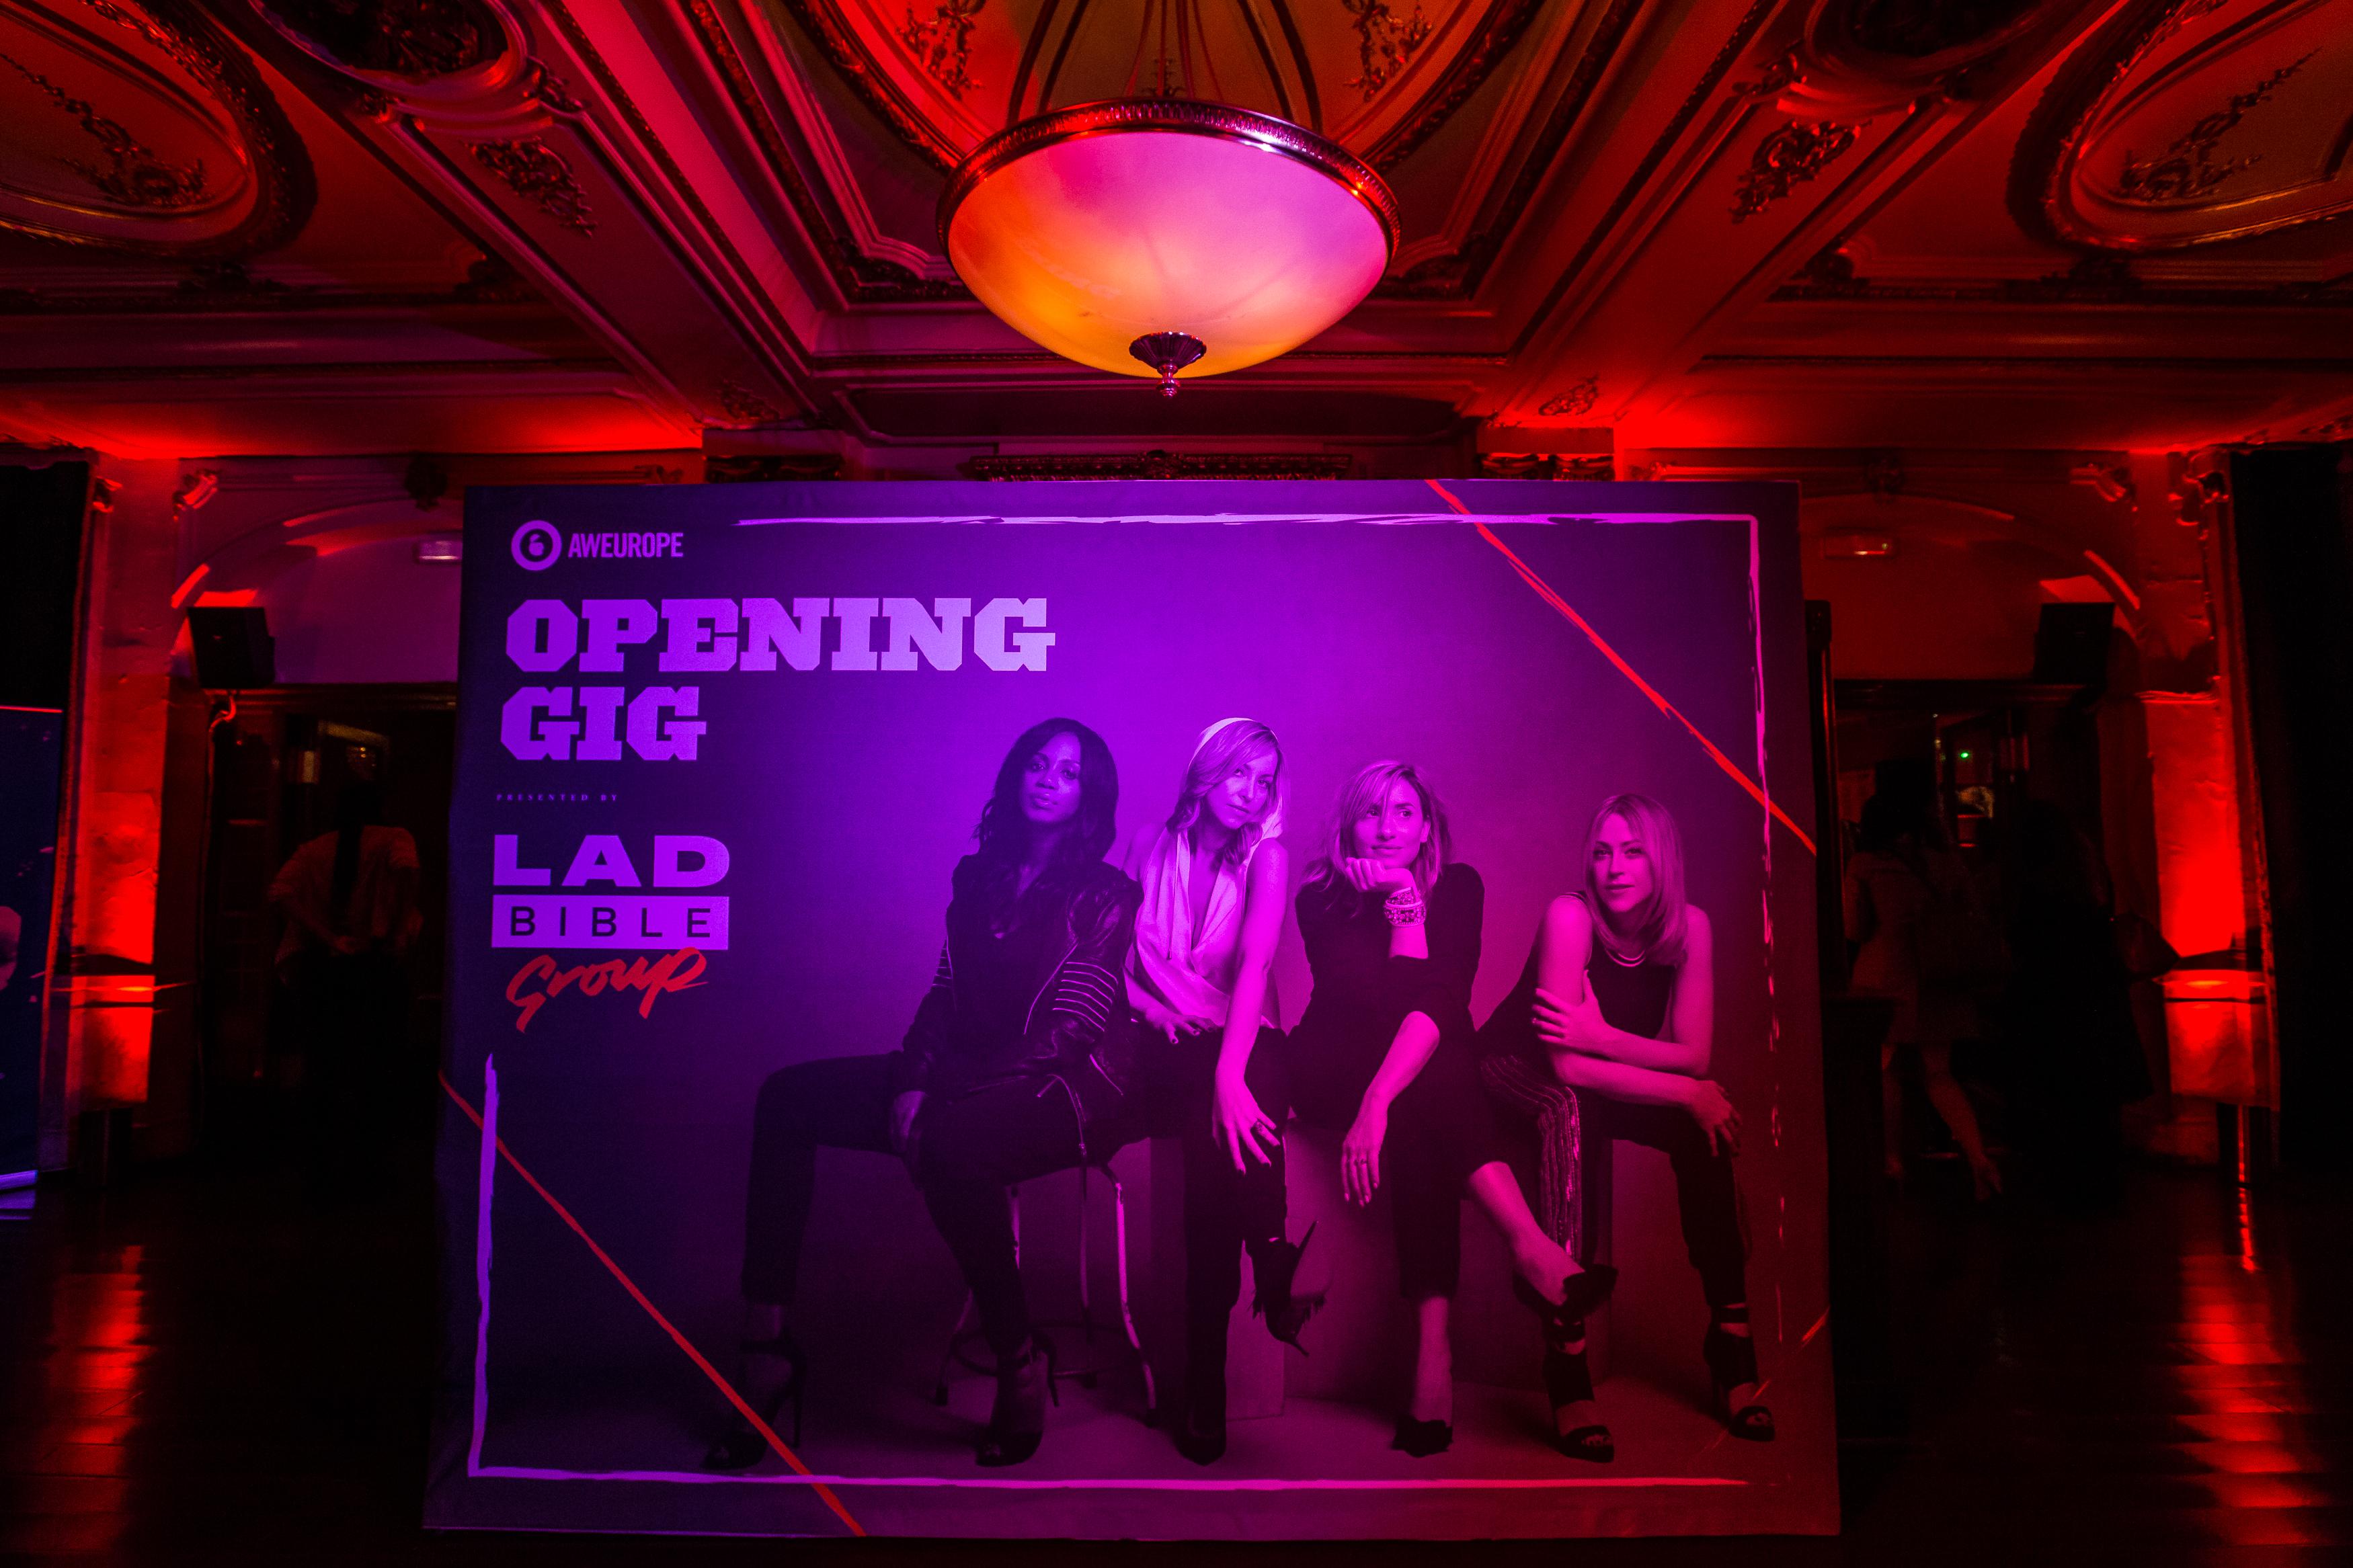 Opening Gig, Advertising Week Europe 2017, Koko, London, UK